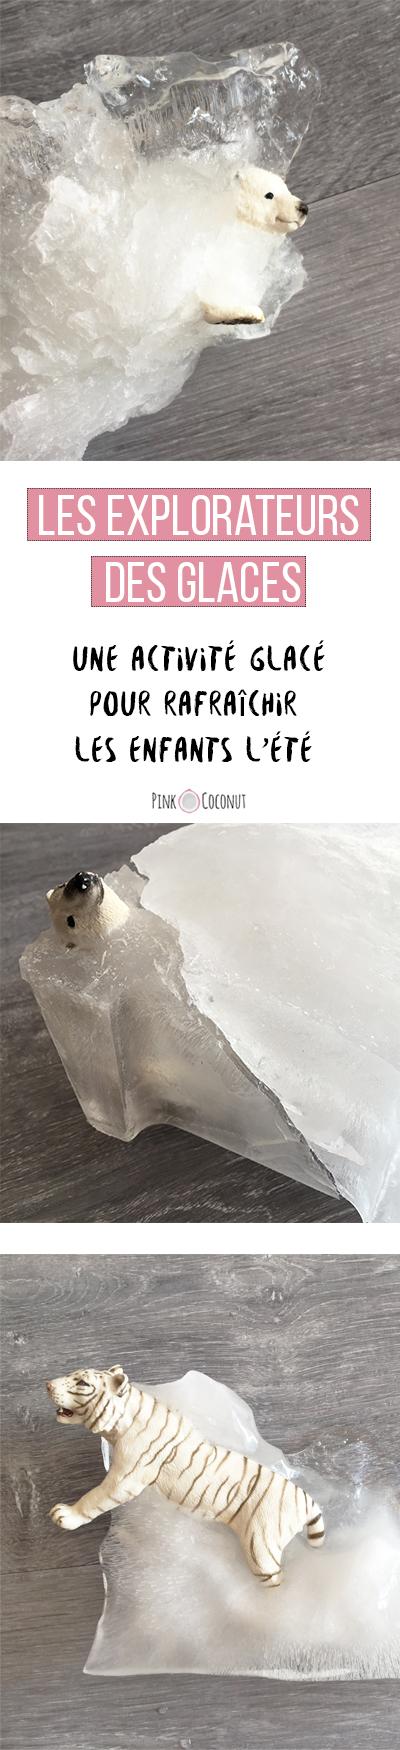 Collage de photo allongé à destination de Pinterest, Les explorateurs de glace ! Une activité pour se rafraîchir avec les enfants pendant la canicule